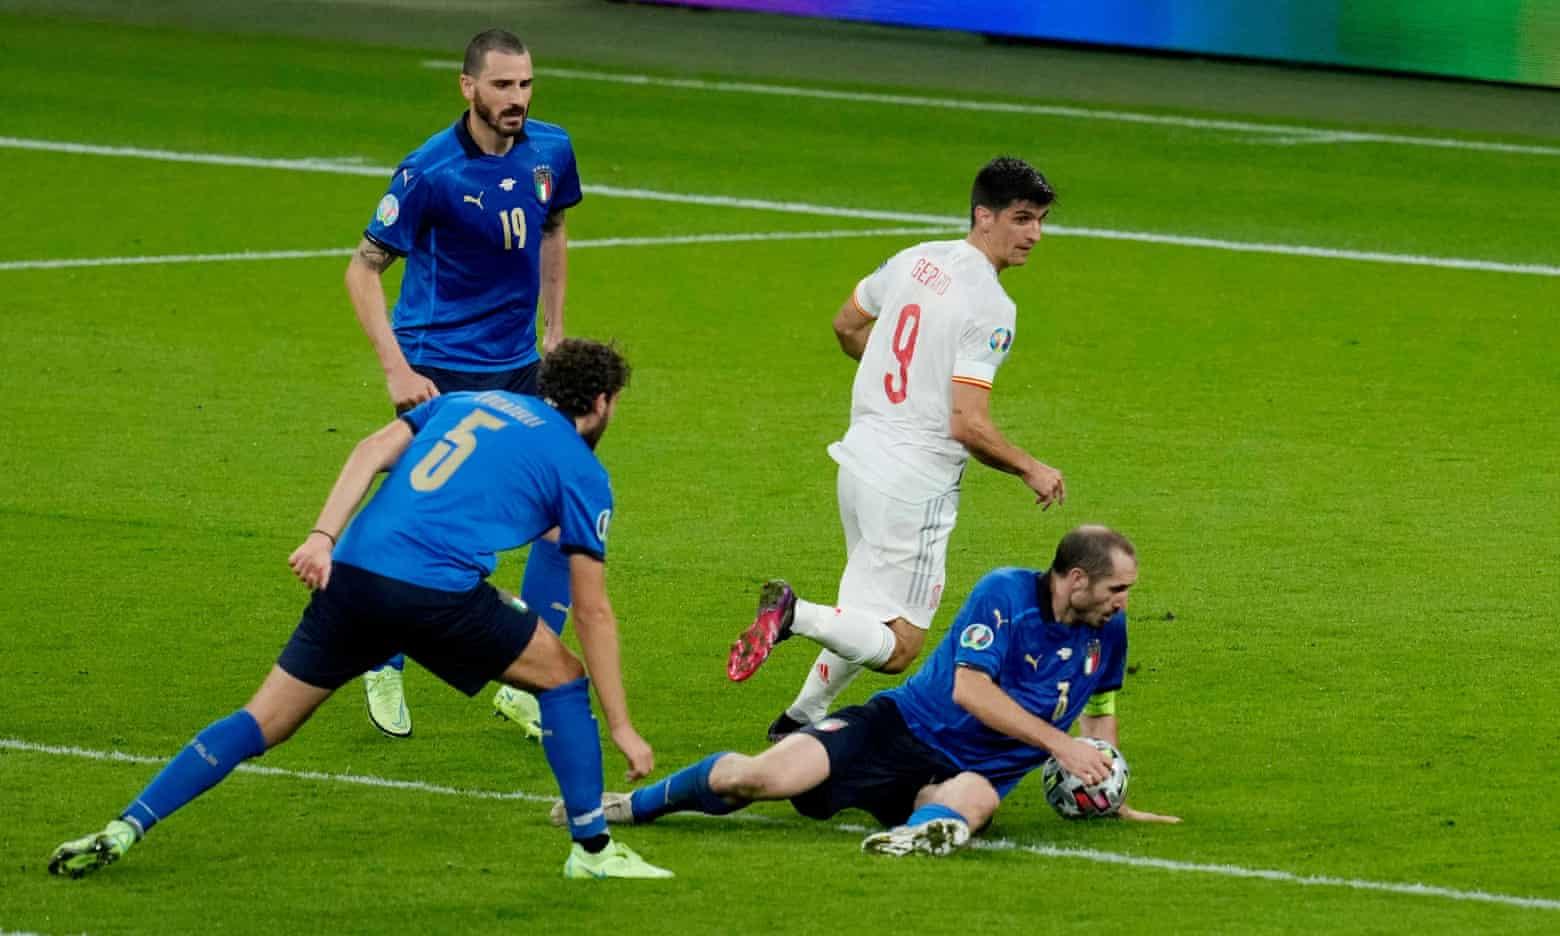 Bóng chạm tay Bonucci nhưng không có phạt đền cho Tây Ban Nha, do luật mới của FIFA quy định cầu thủ để bóng chạm tay khi đã ngã chống tay không phải chịu phạt đền. Ảnh: AP